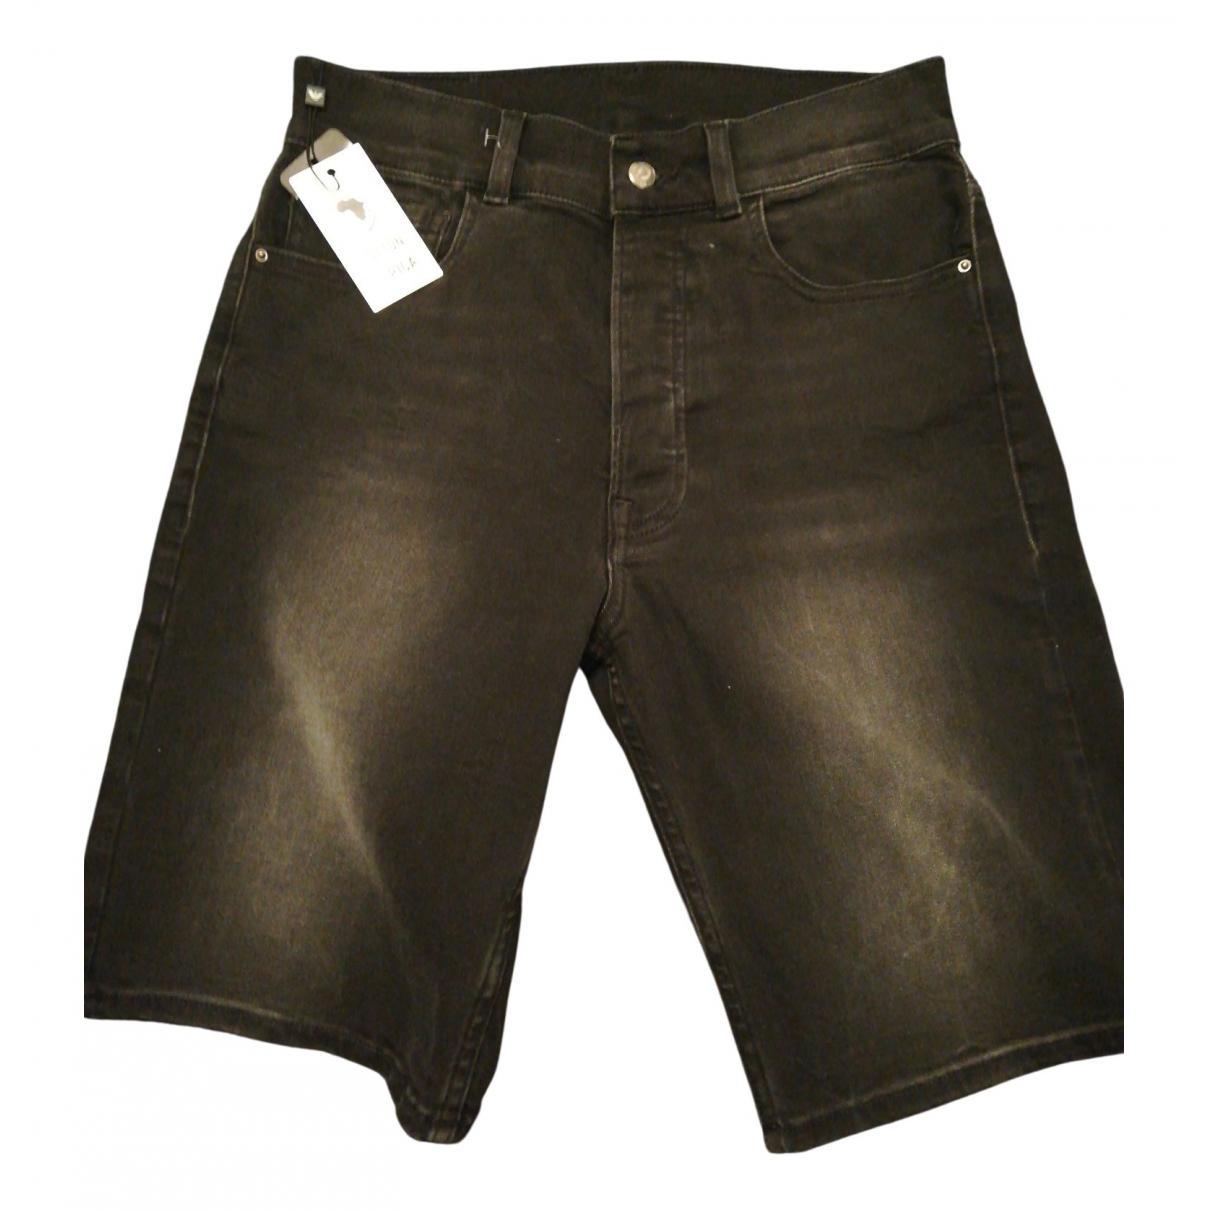 Emporio Armani \N Shorts in  Grau Baumwolle - Elasthan